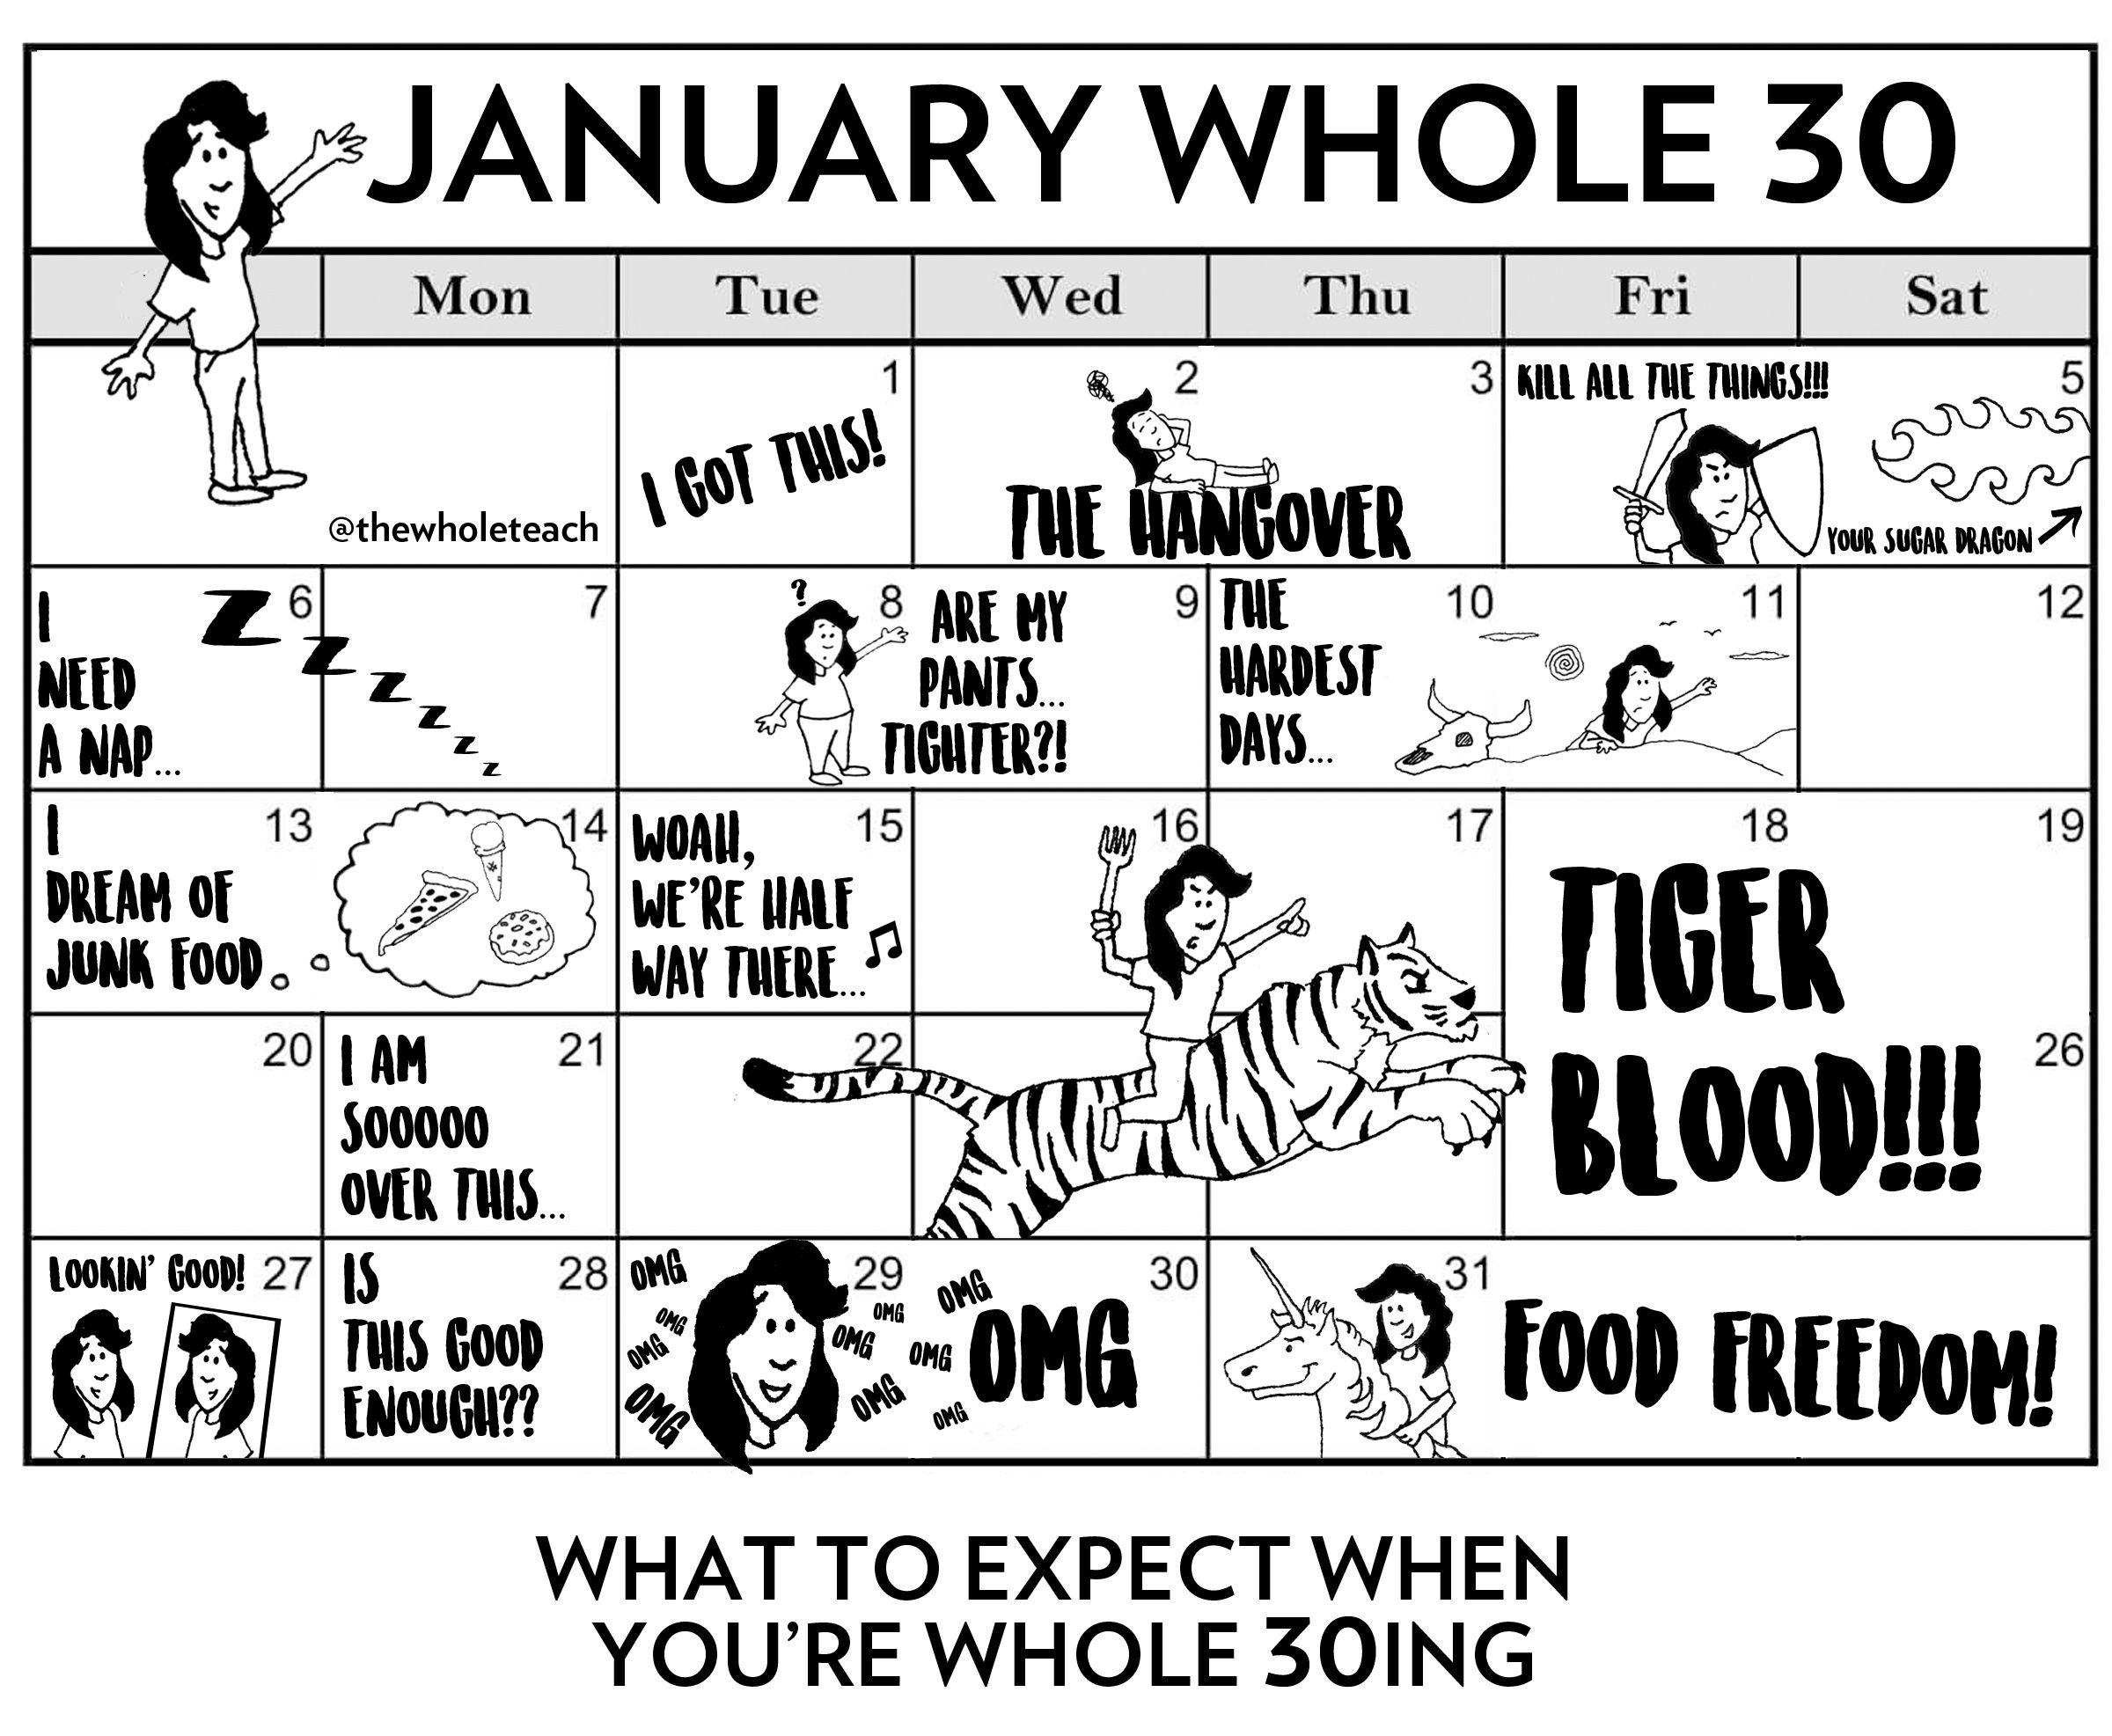 Whole 30 Calendar In 2020 | Whole 30, Calendar, 30Th with regard to Printable Whole 30 Calendar